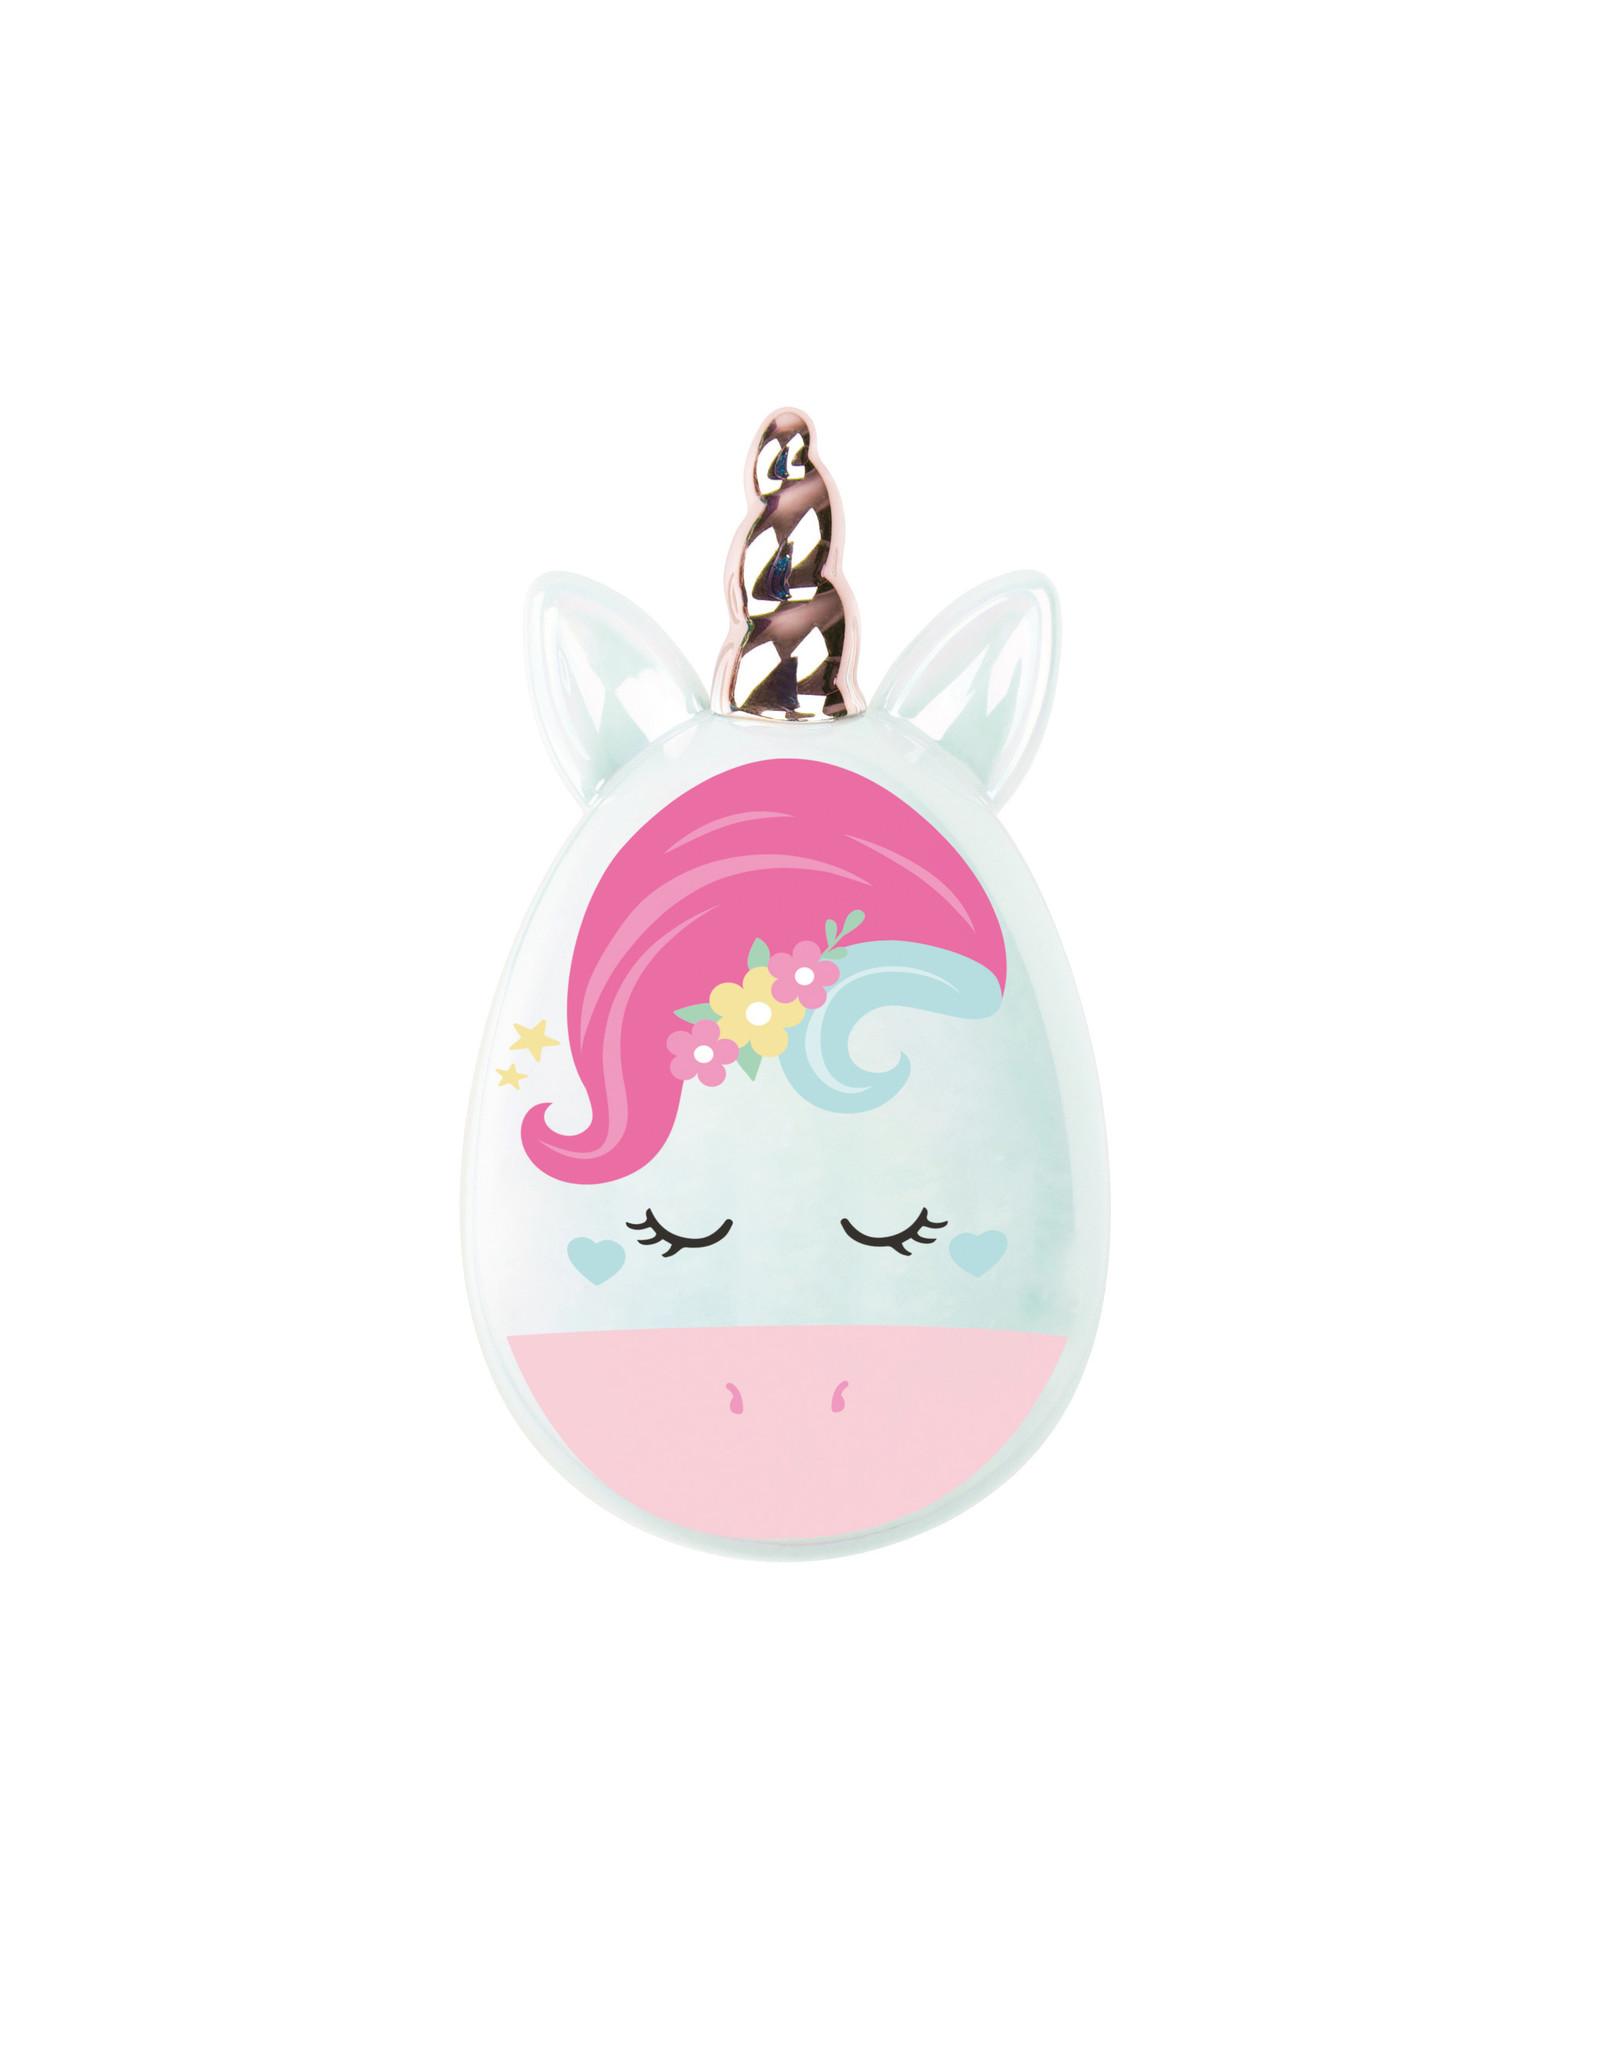 detangling hairbrush - unicorn